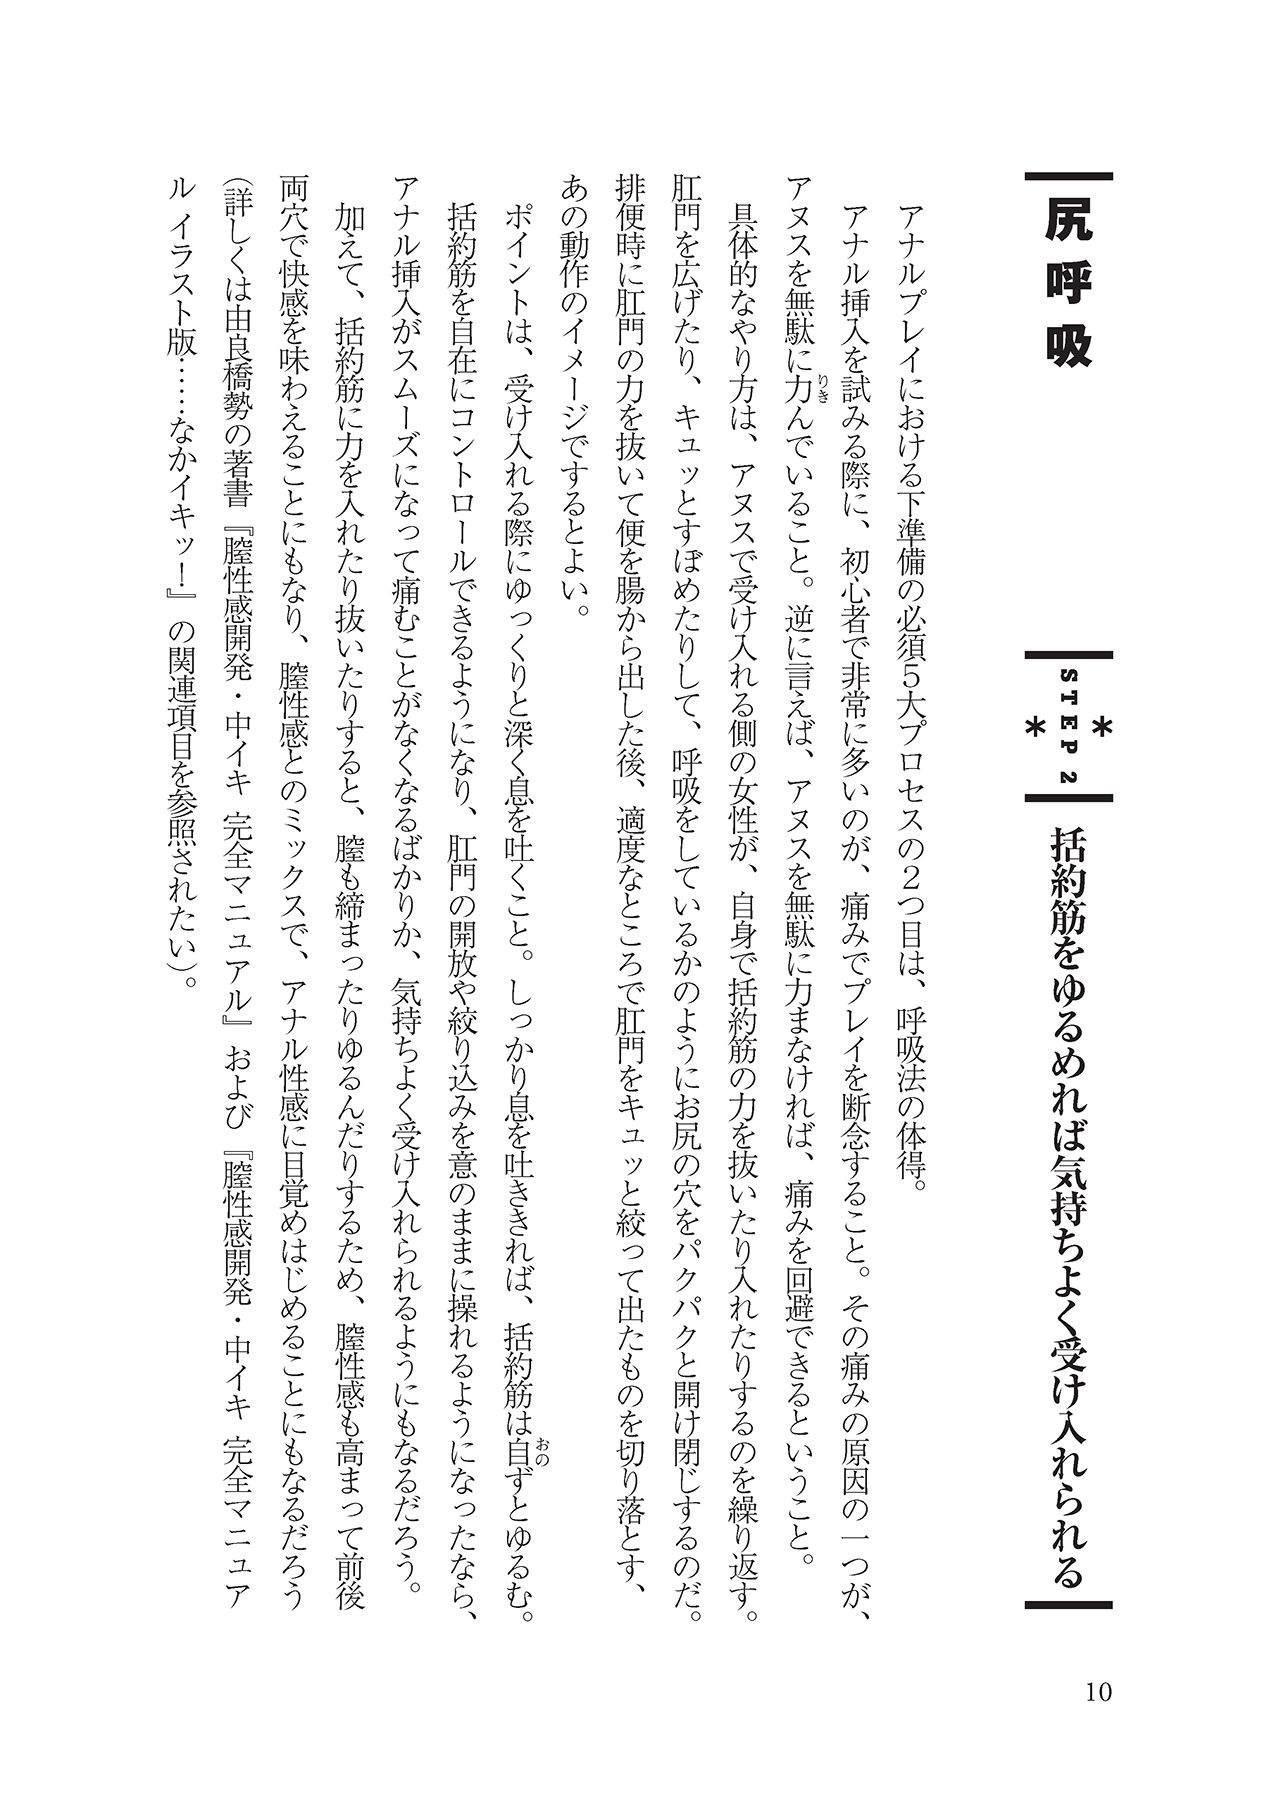 アナル性感開発・お尻エッチ 完全マニュアル 11